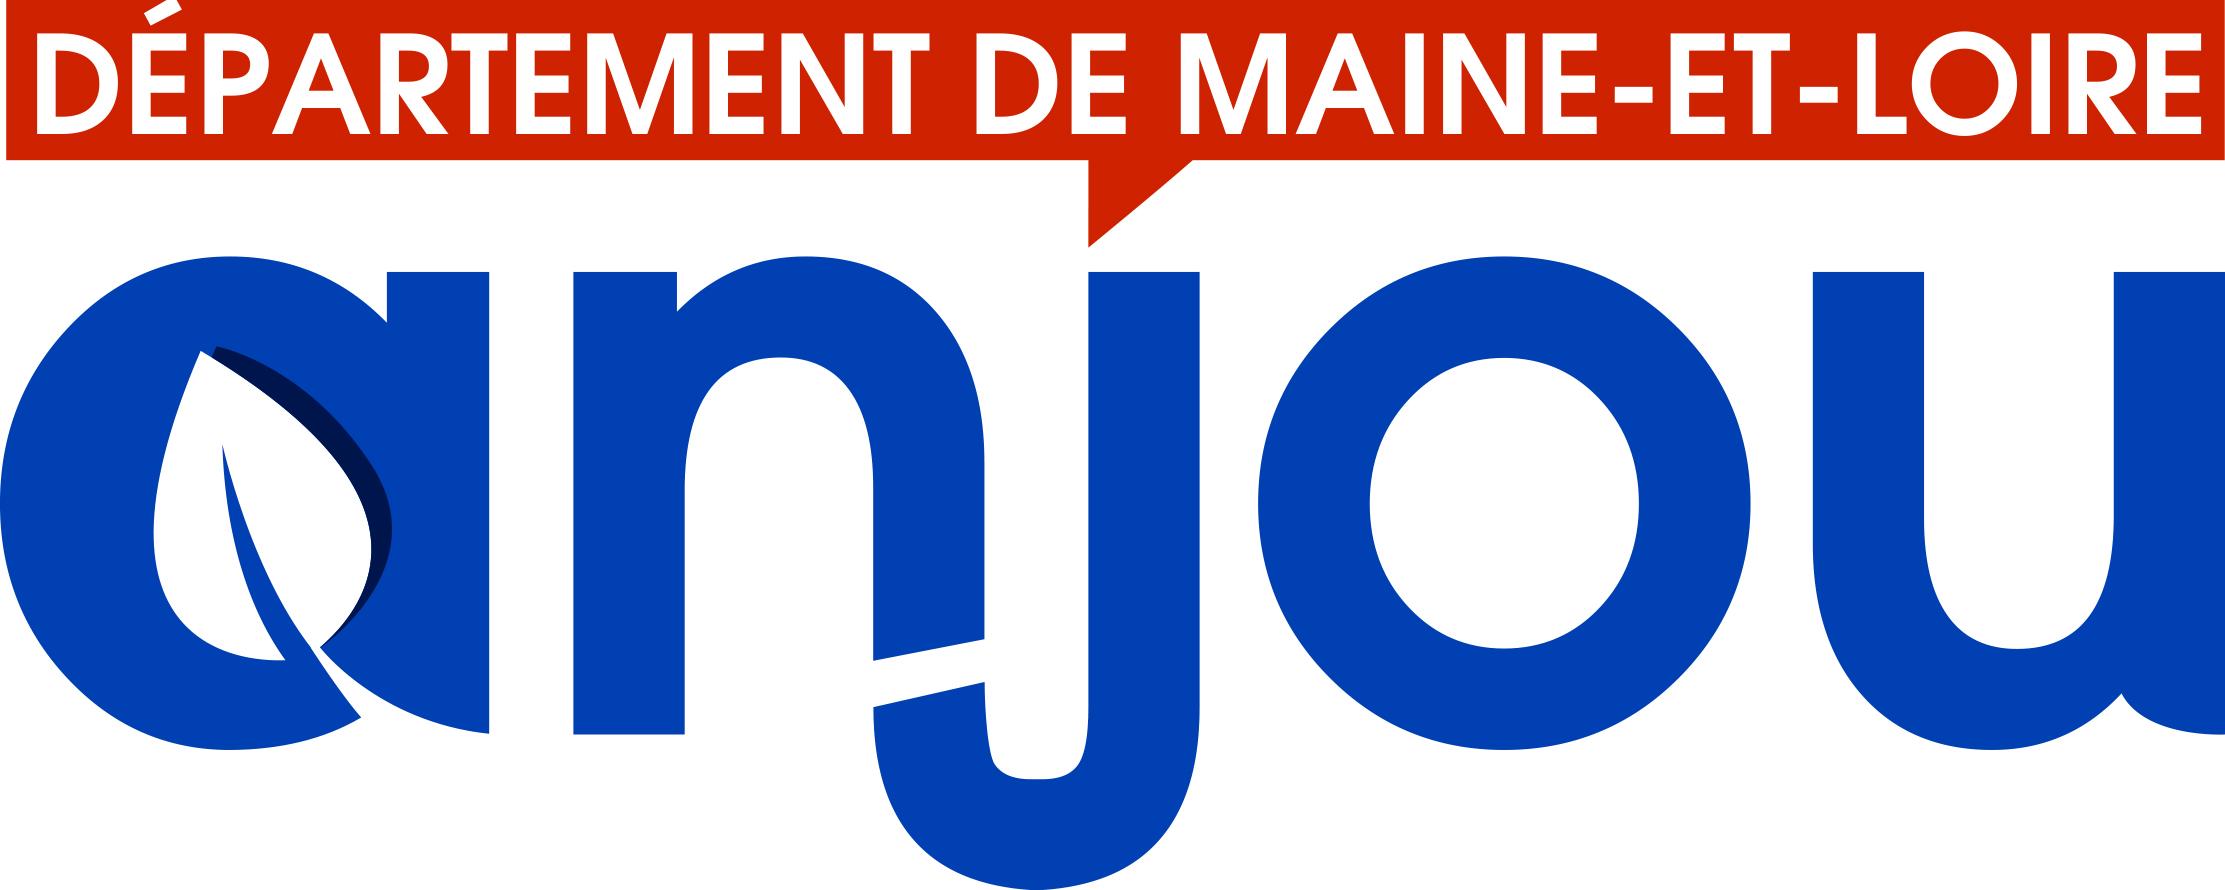 DEPARTEMENT DU MAINE-ET-LOIRE